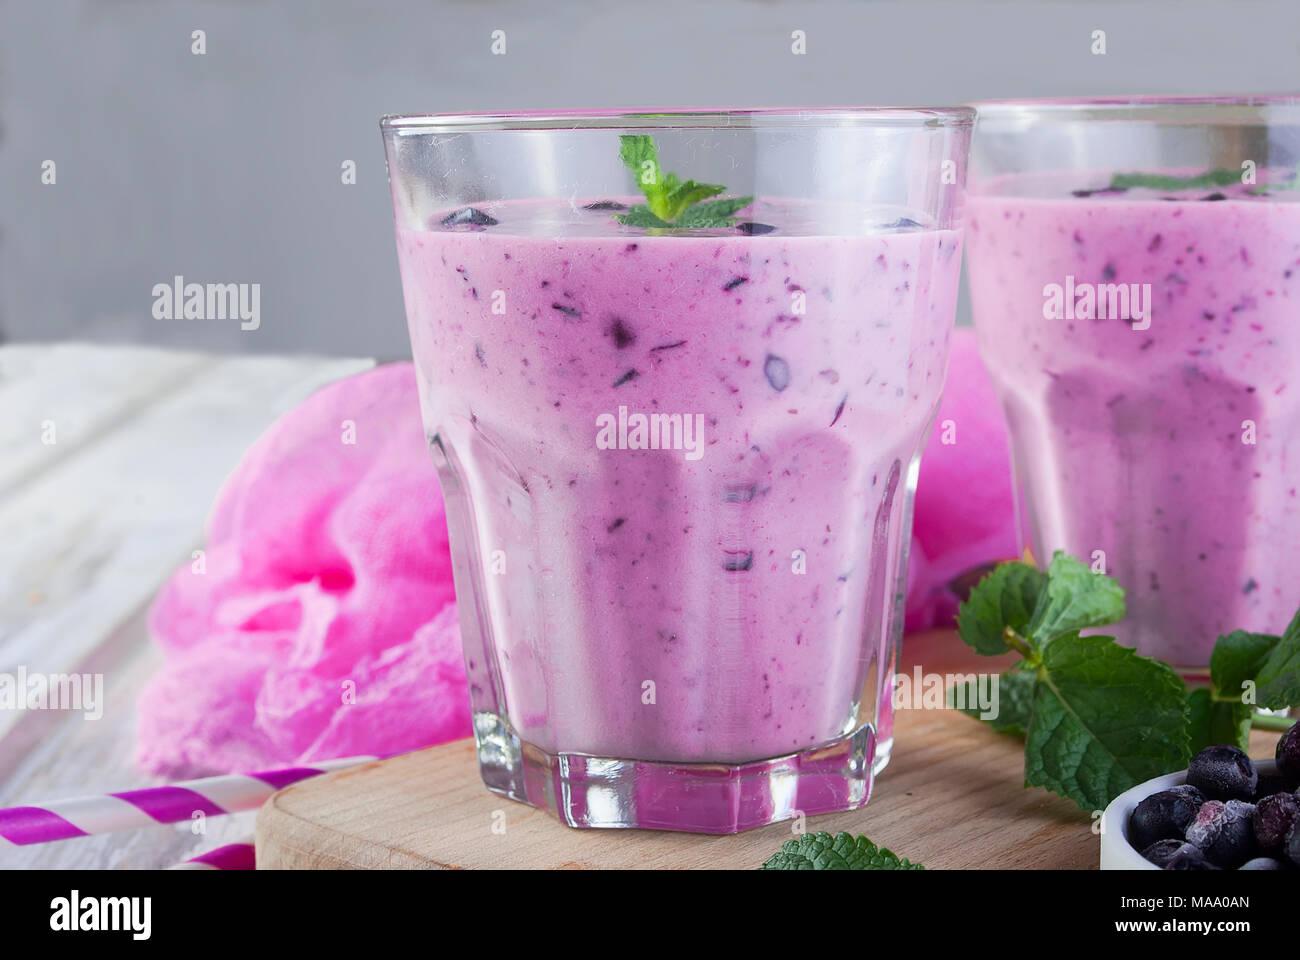 Erfrischende Sommer lila Smoothie oder Milchshake mit Minze, Joghurt und Heidelbeeren. in Glas mit Zutaten, auf grauem Beton Tabelle, Kopieren, oben Stockbild